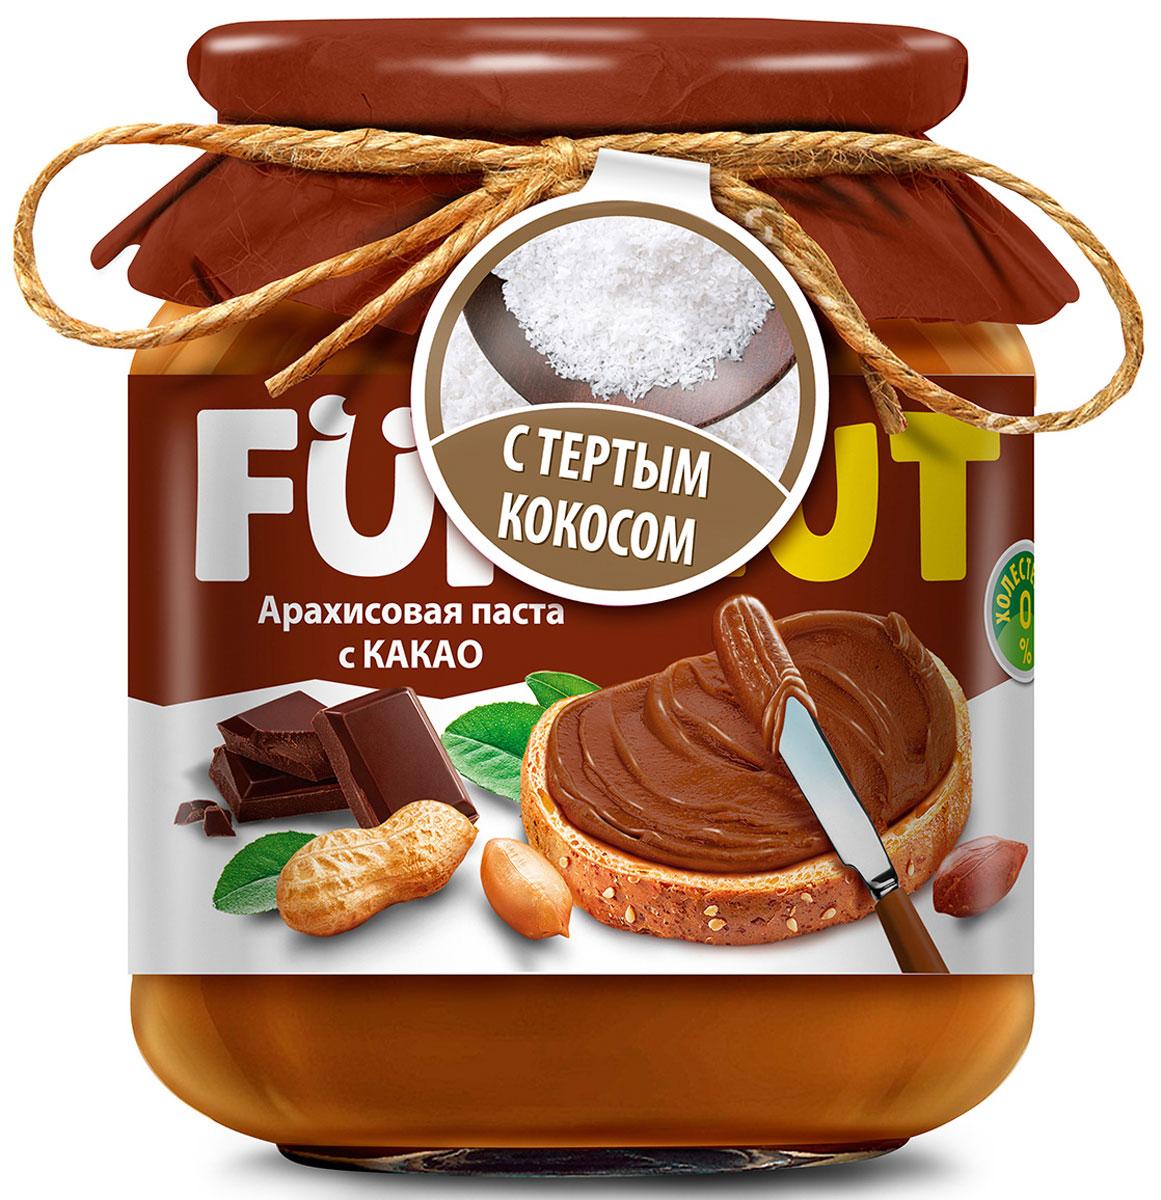 Funnat Арахисовая паста с какао с добавлением кокоса, 340 г weider протеиновая паста шоколадно ореховая 250 г